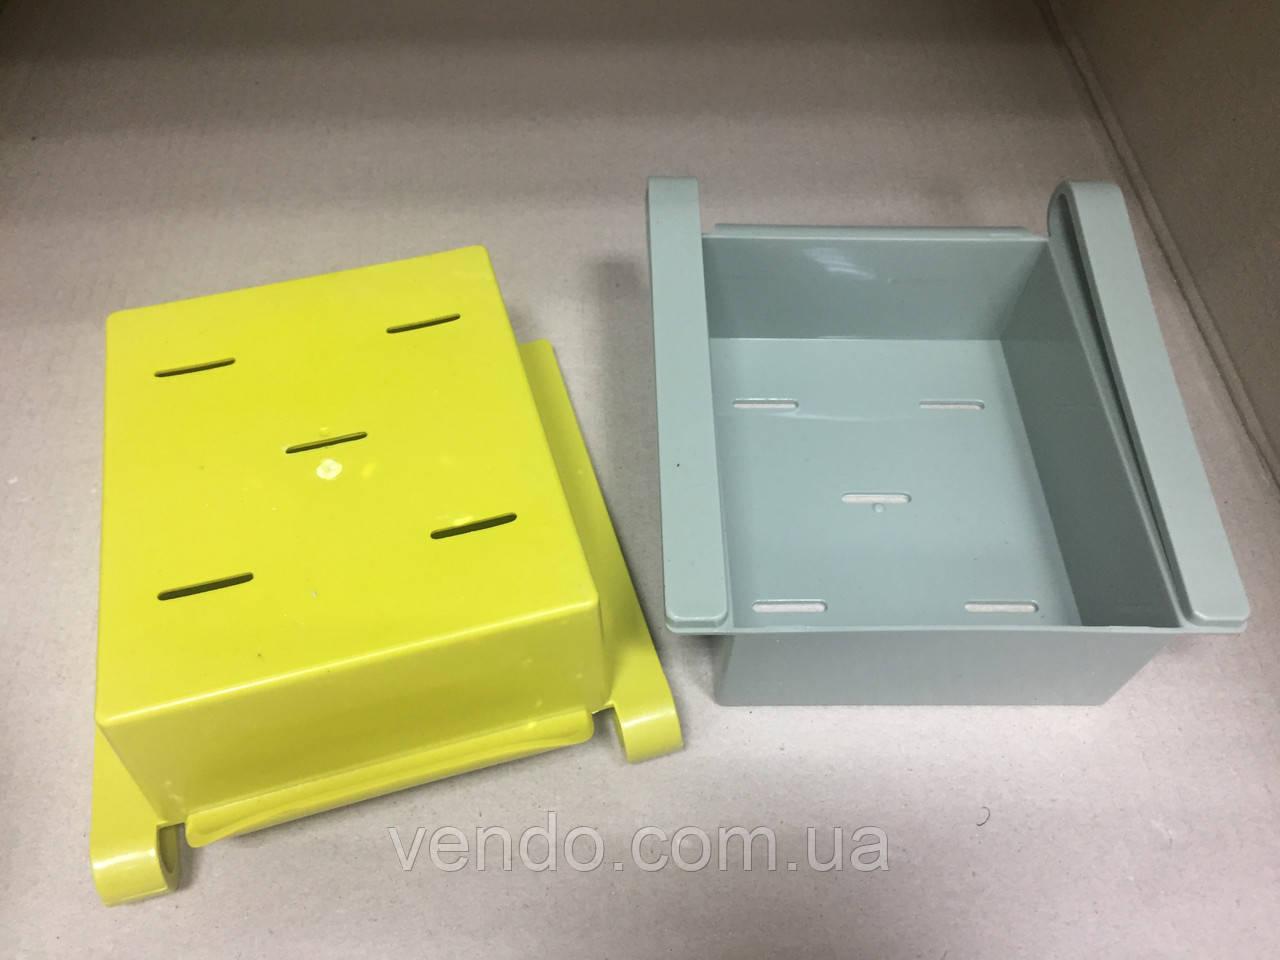 Дополнительный подвесной контейнер для холодильника и дома